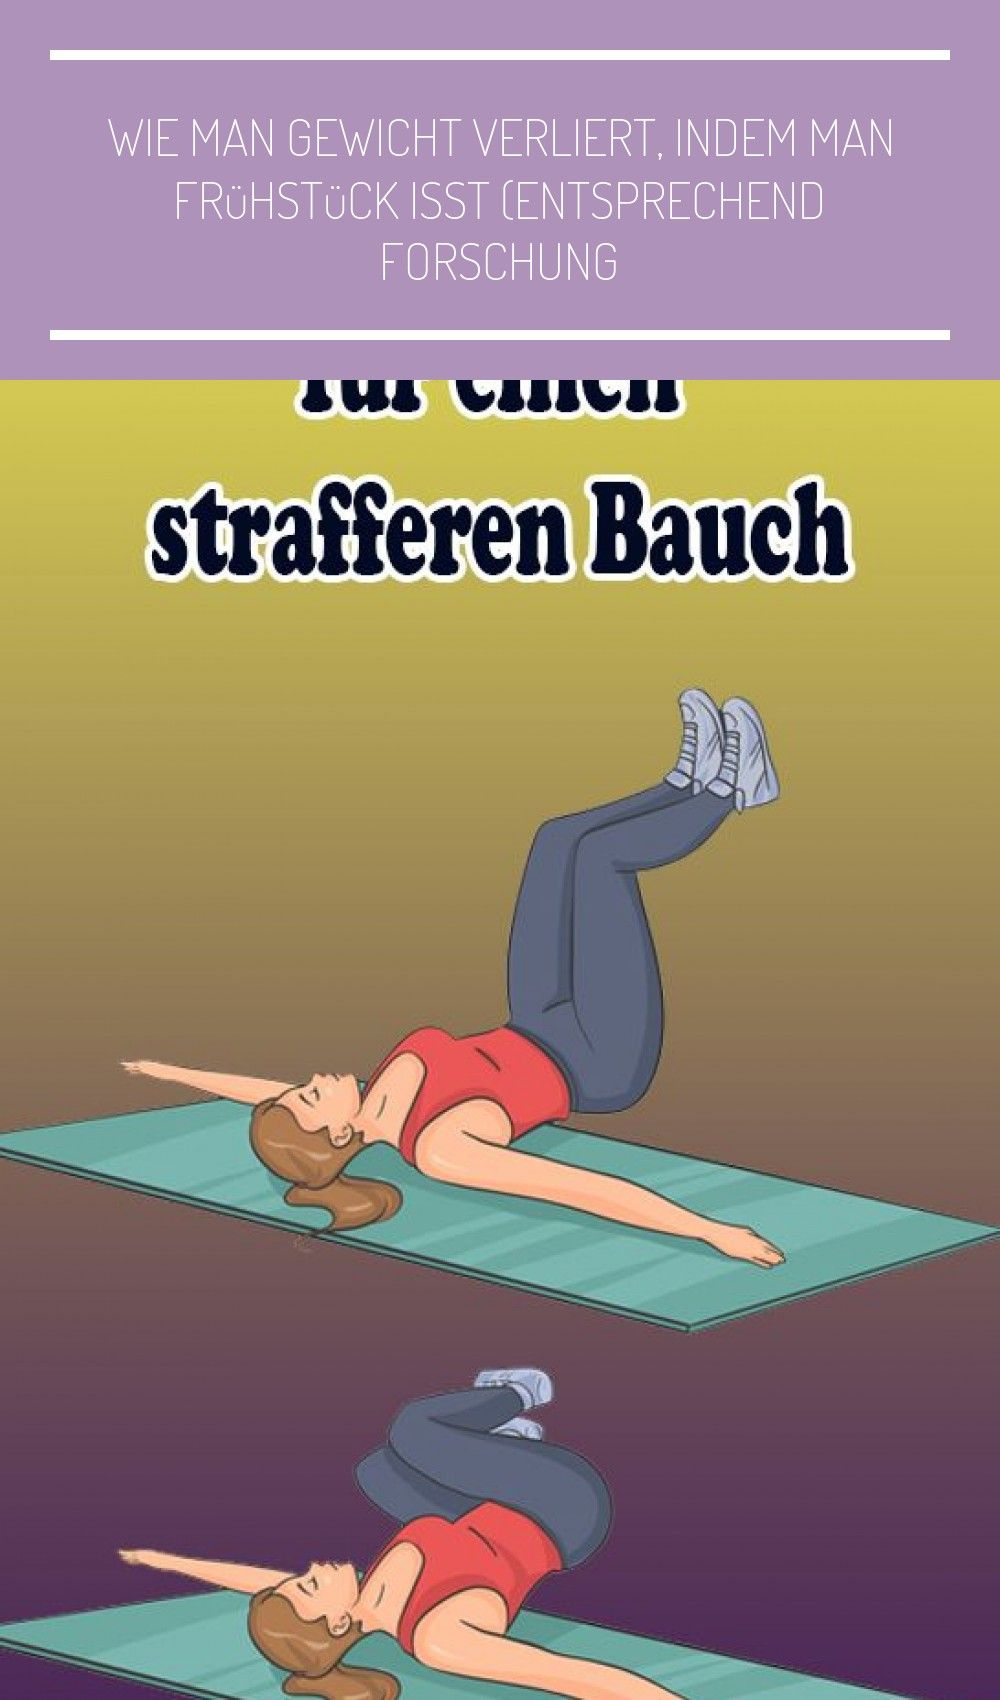 4-minütiges intensives Bauchmuskeltraining für einen strafferen Bauch #fitness food plan 4-minütiges...